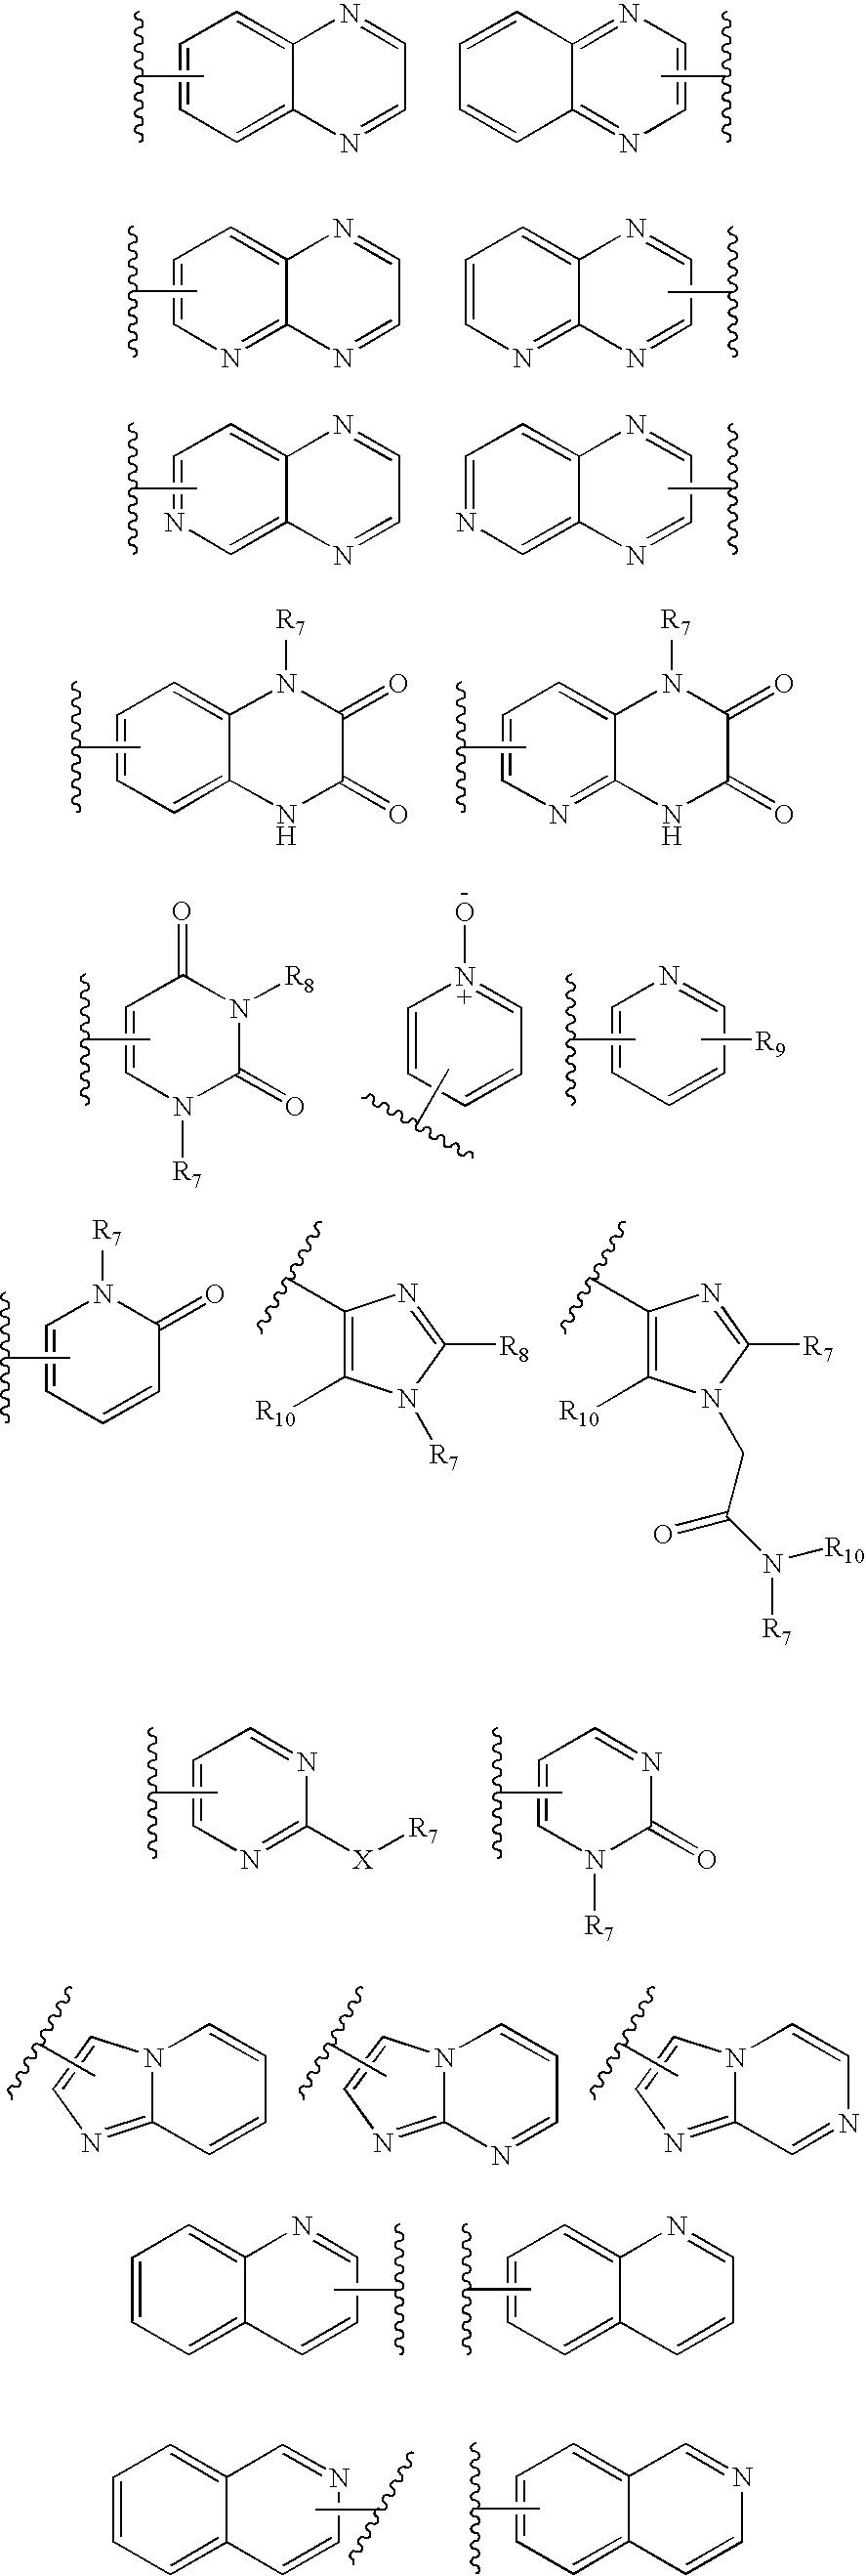 Figure US07531542-20090512-C00105